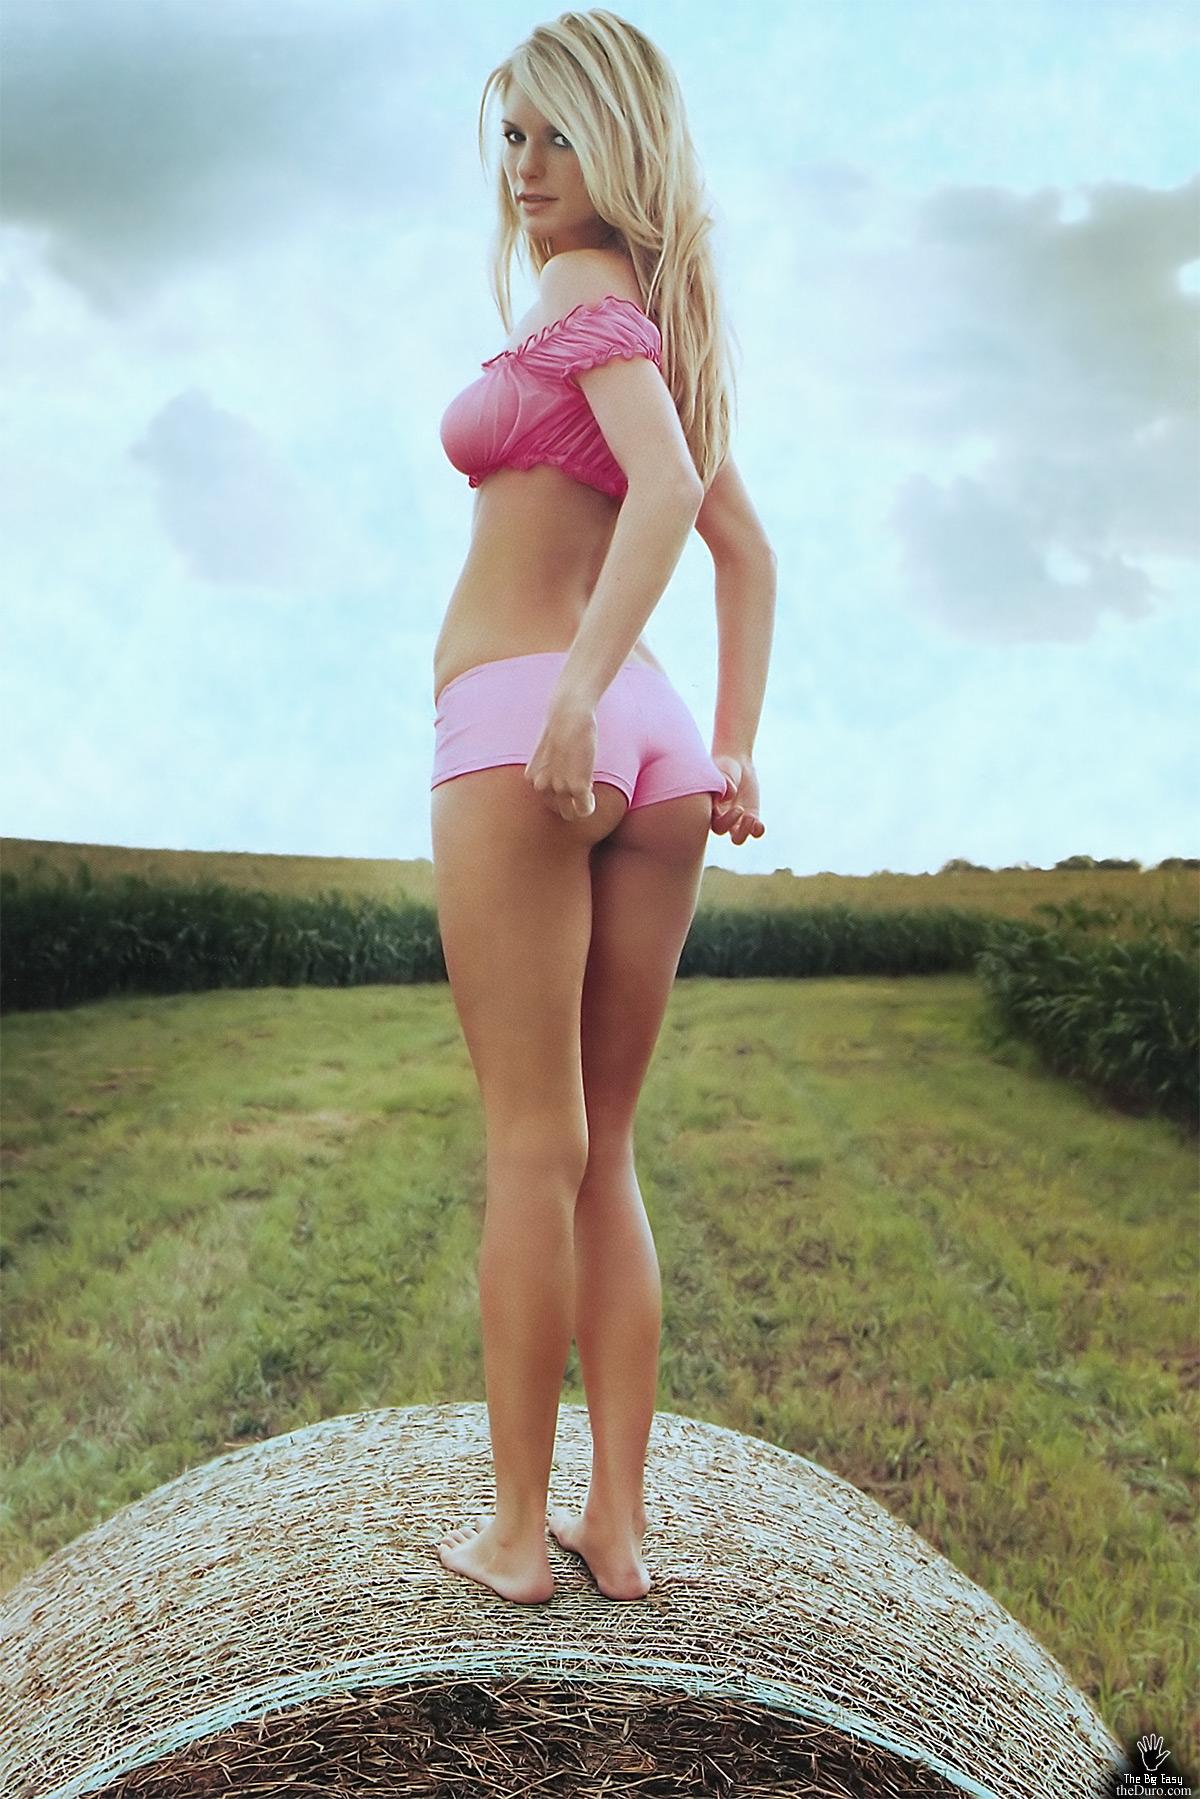 Фото девочки показывают голую попу 19 фотография